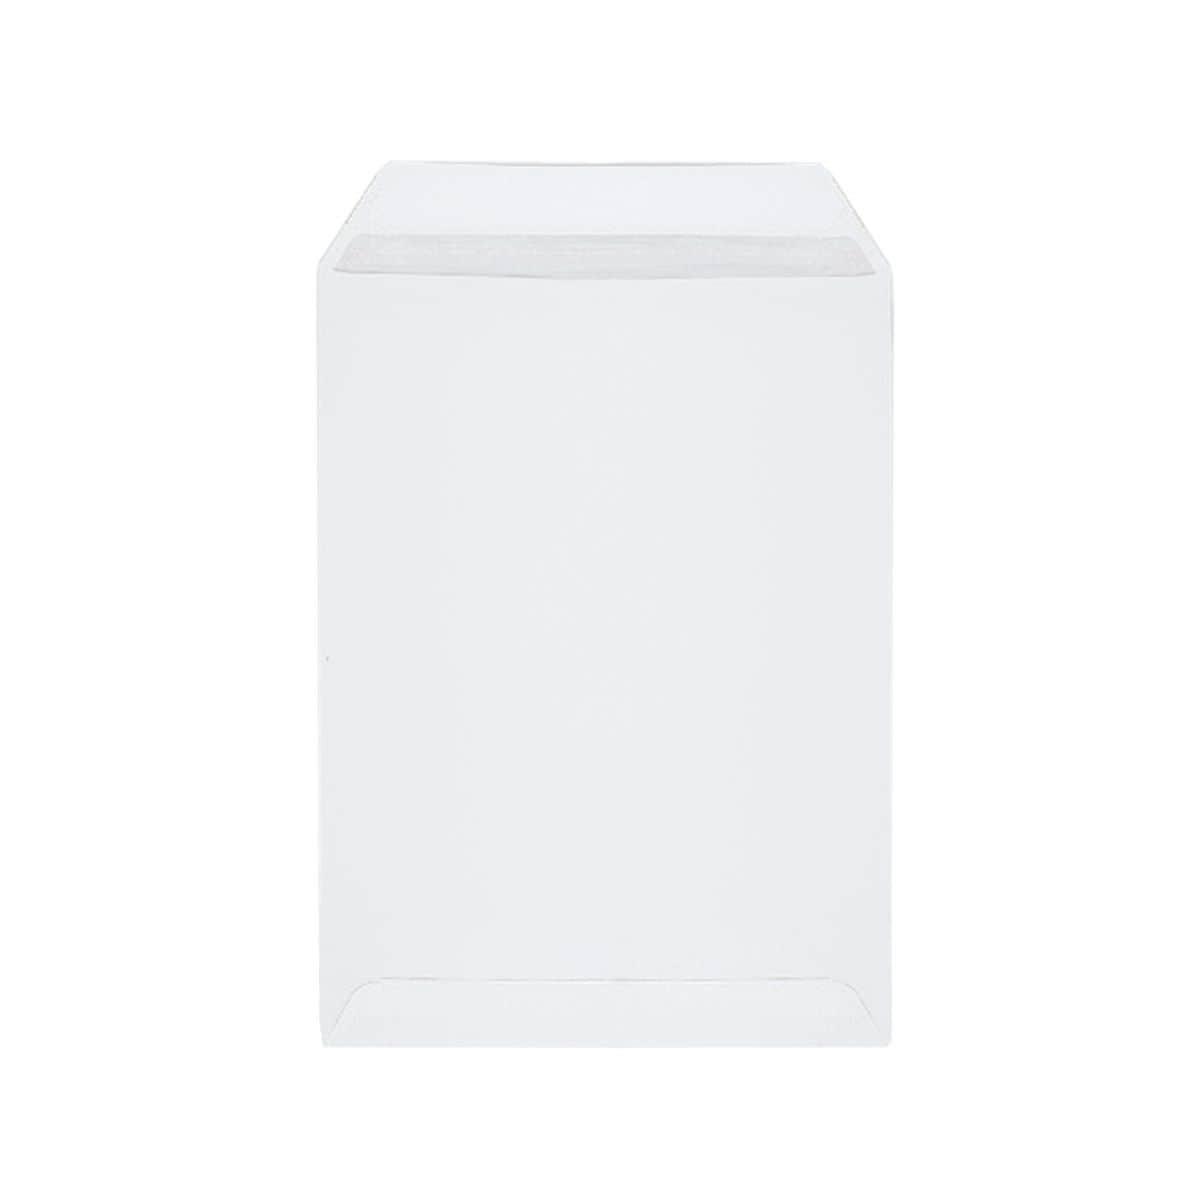 Steinmetz 500 Versandtaschen, C5 90 g/m² ohne Fenster